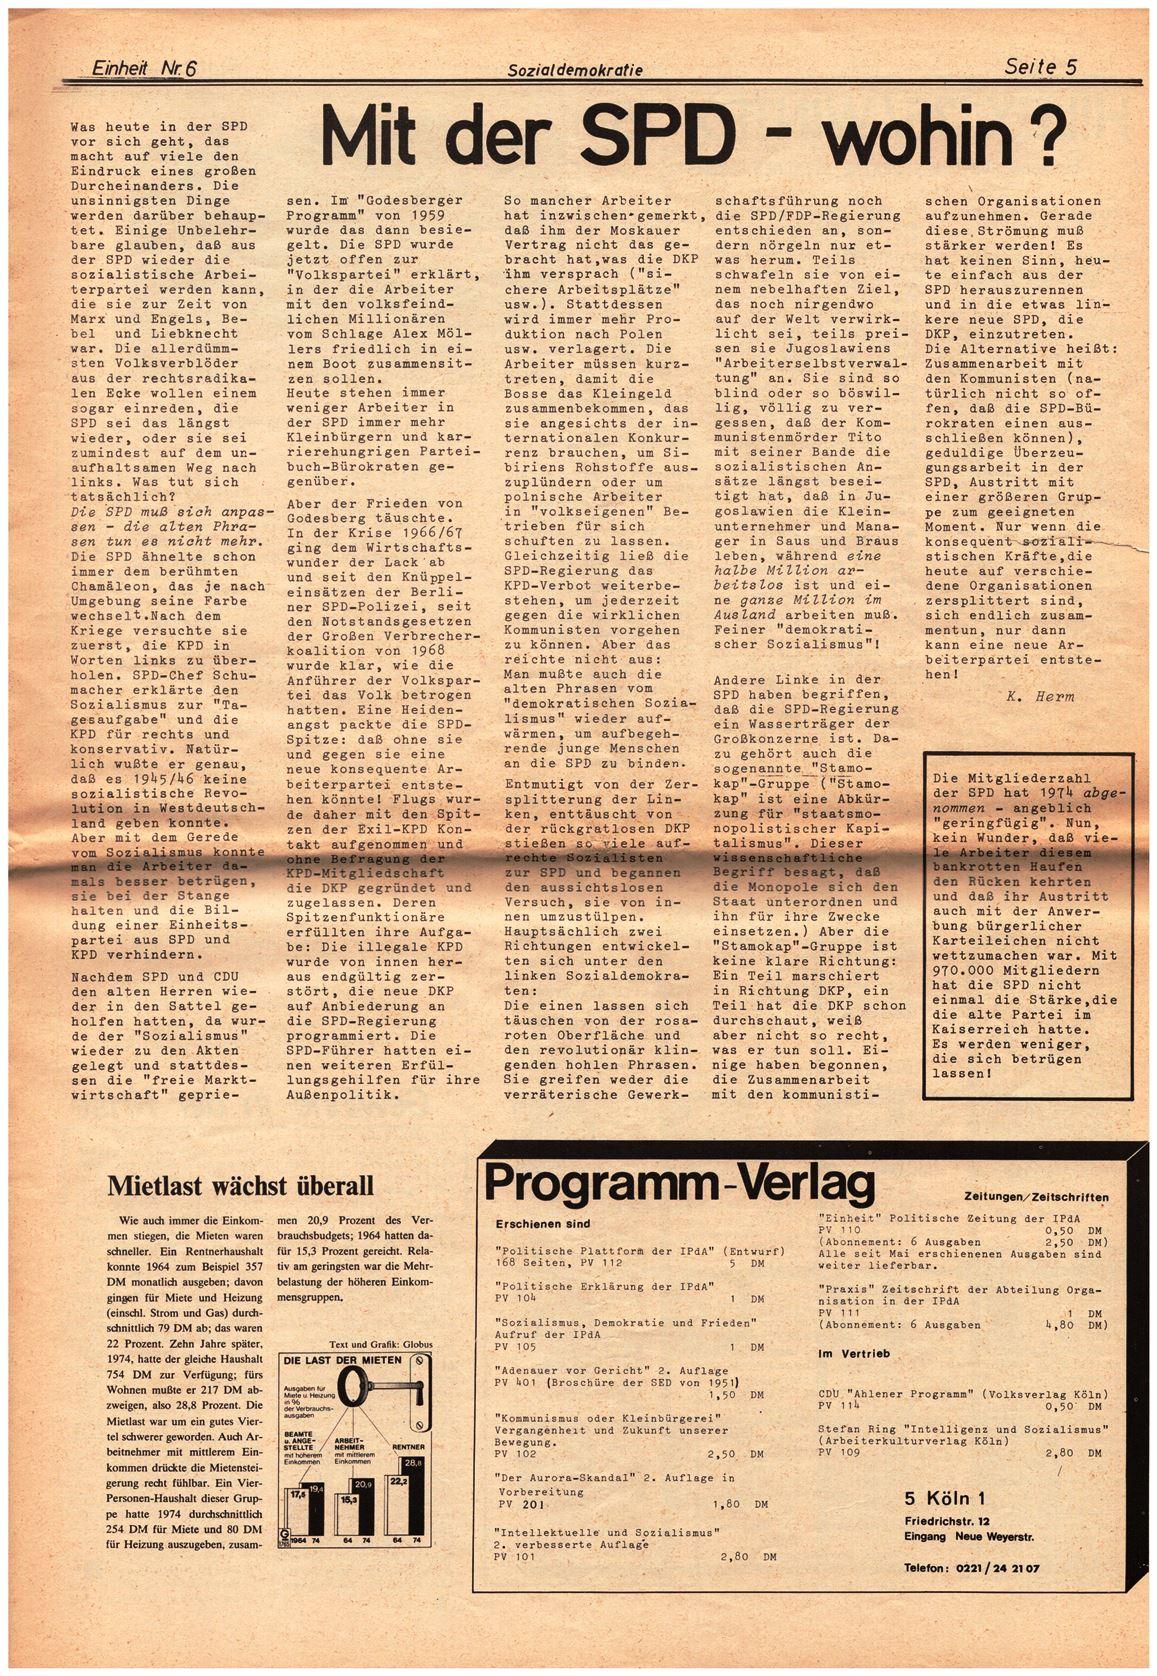 Koeln_IPdA_Einheit_1976_006_005